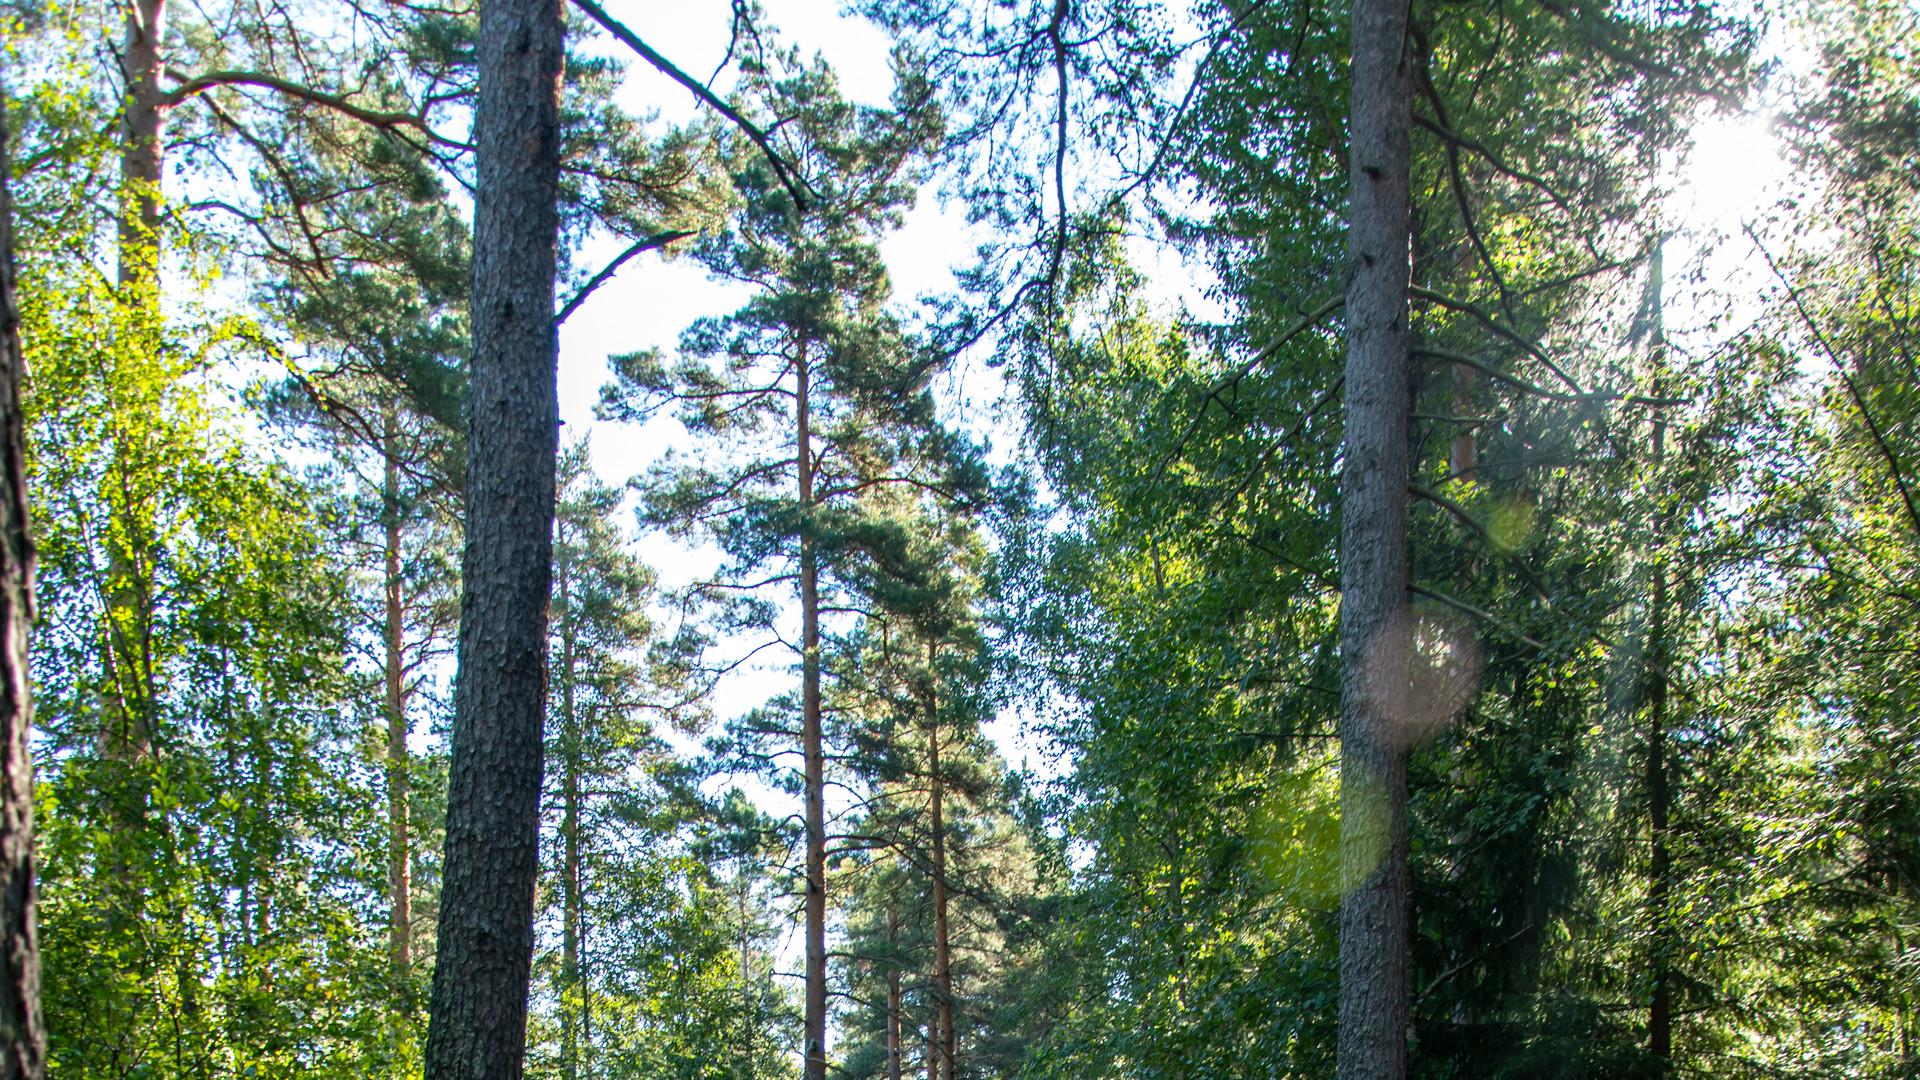 sol skiner genom träd i en skog